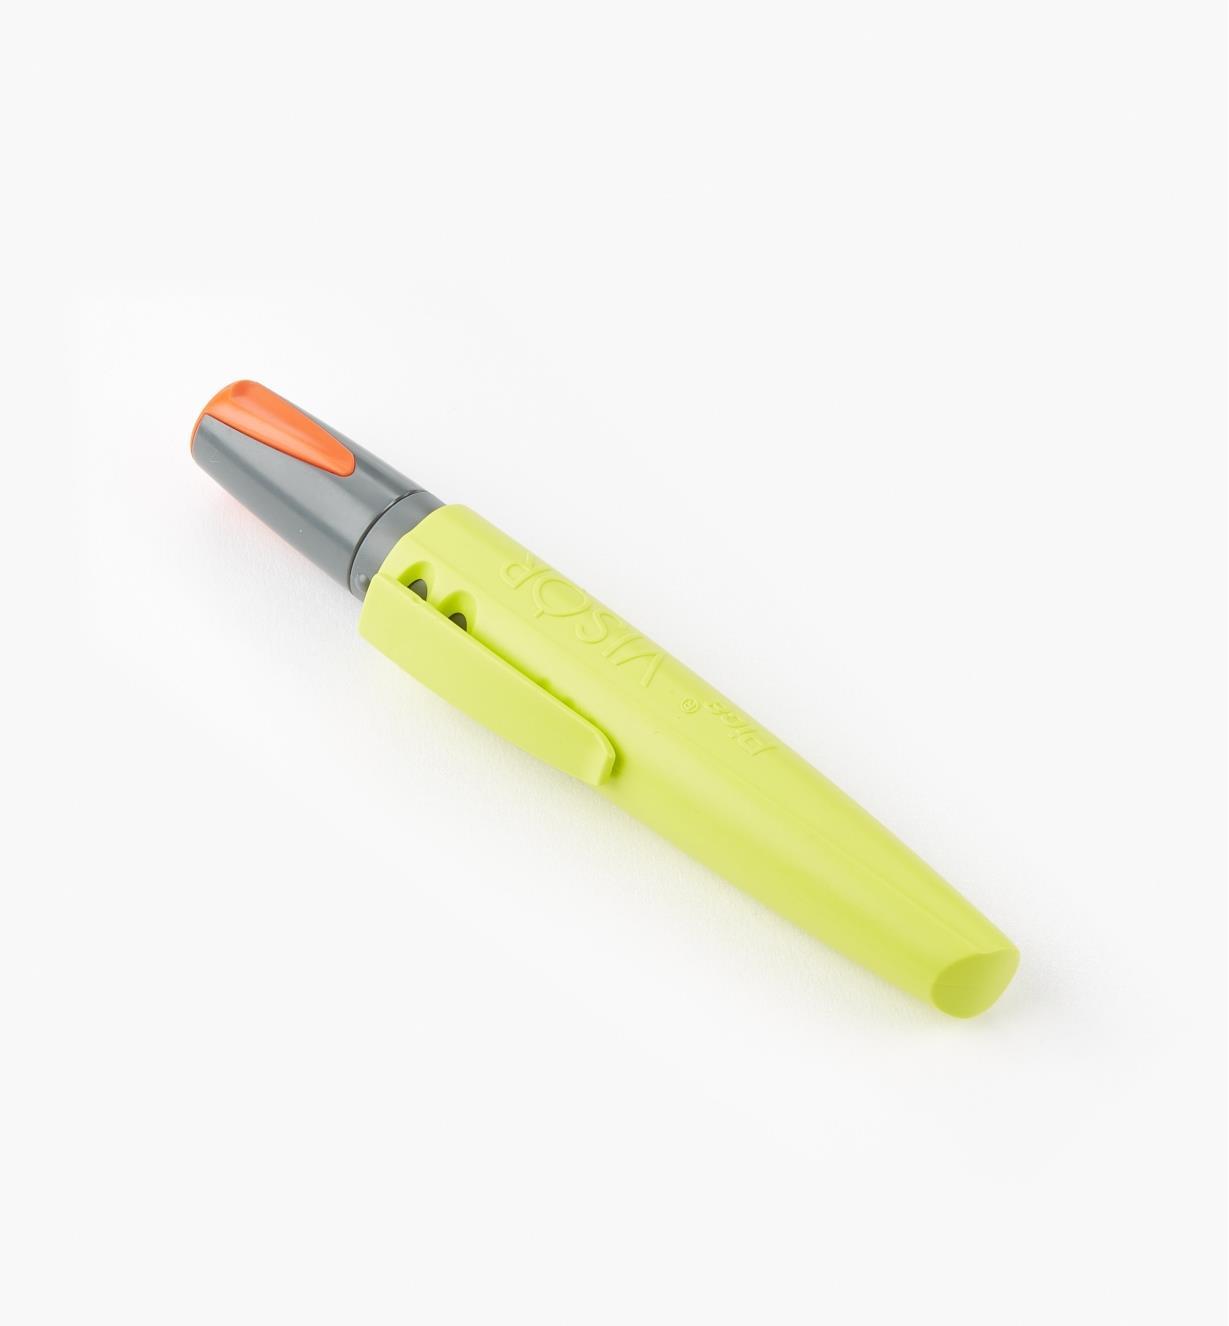 25K0474 - Marqueur effaçable à sec Pica-Visor, orange, l'unité